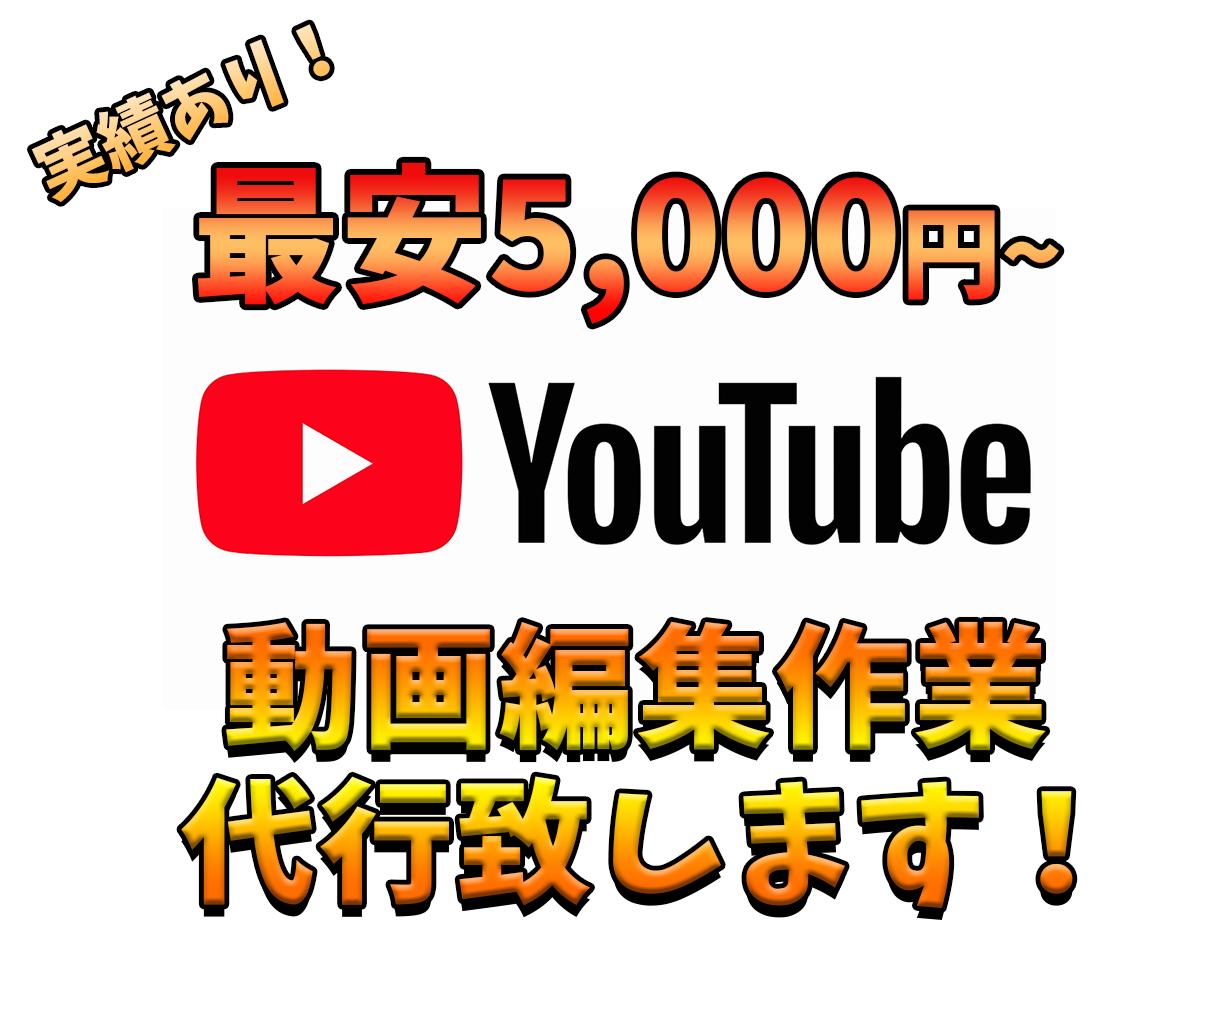 実績あり!YouTubeの動画編集代行します 実績動画には15万再生超えの物もあります! イメージ1